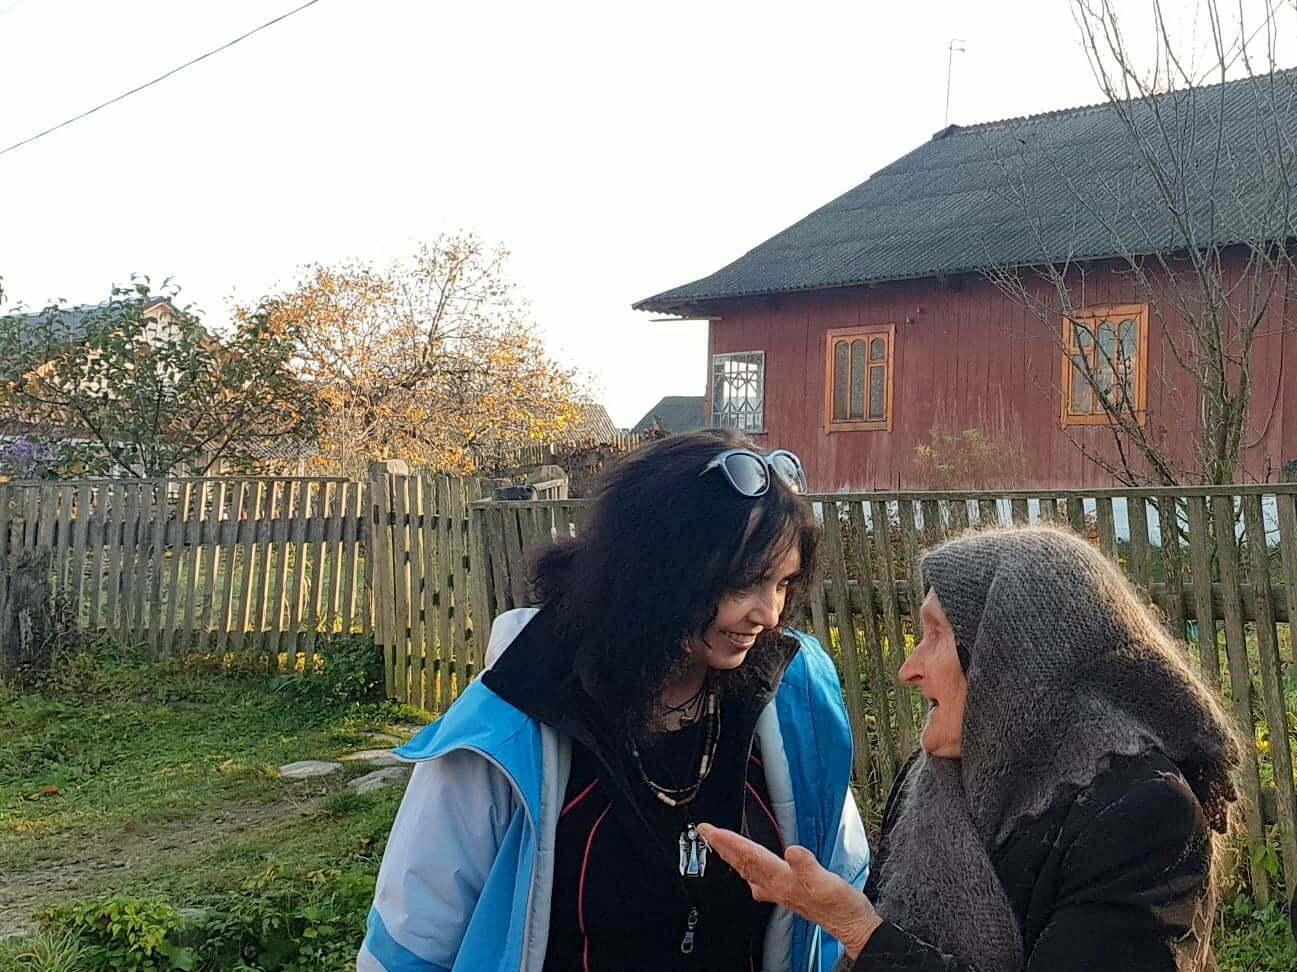 Rozmowy z mieszkańcami zakarpackiej wsi .arch. Lidia Tul-Chmielewska